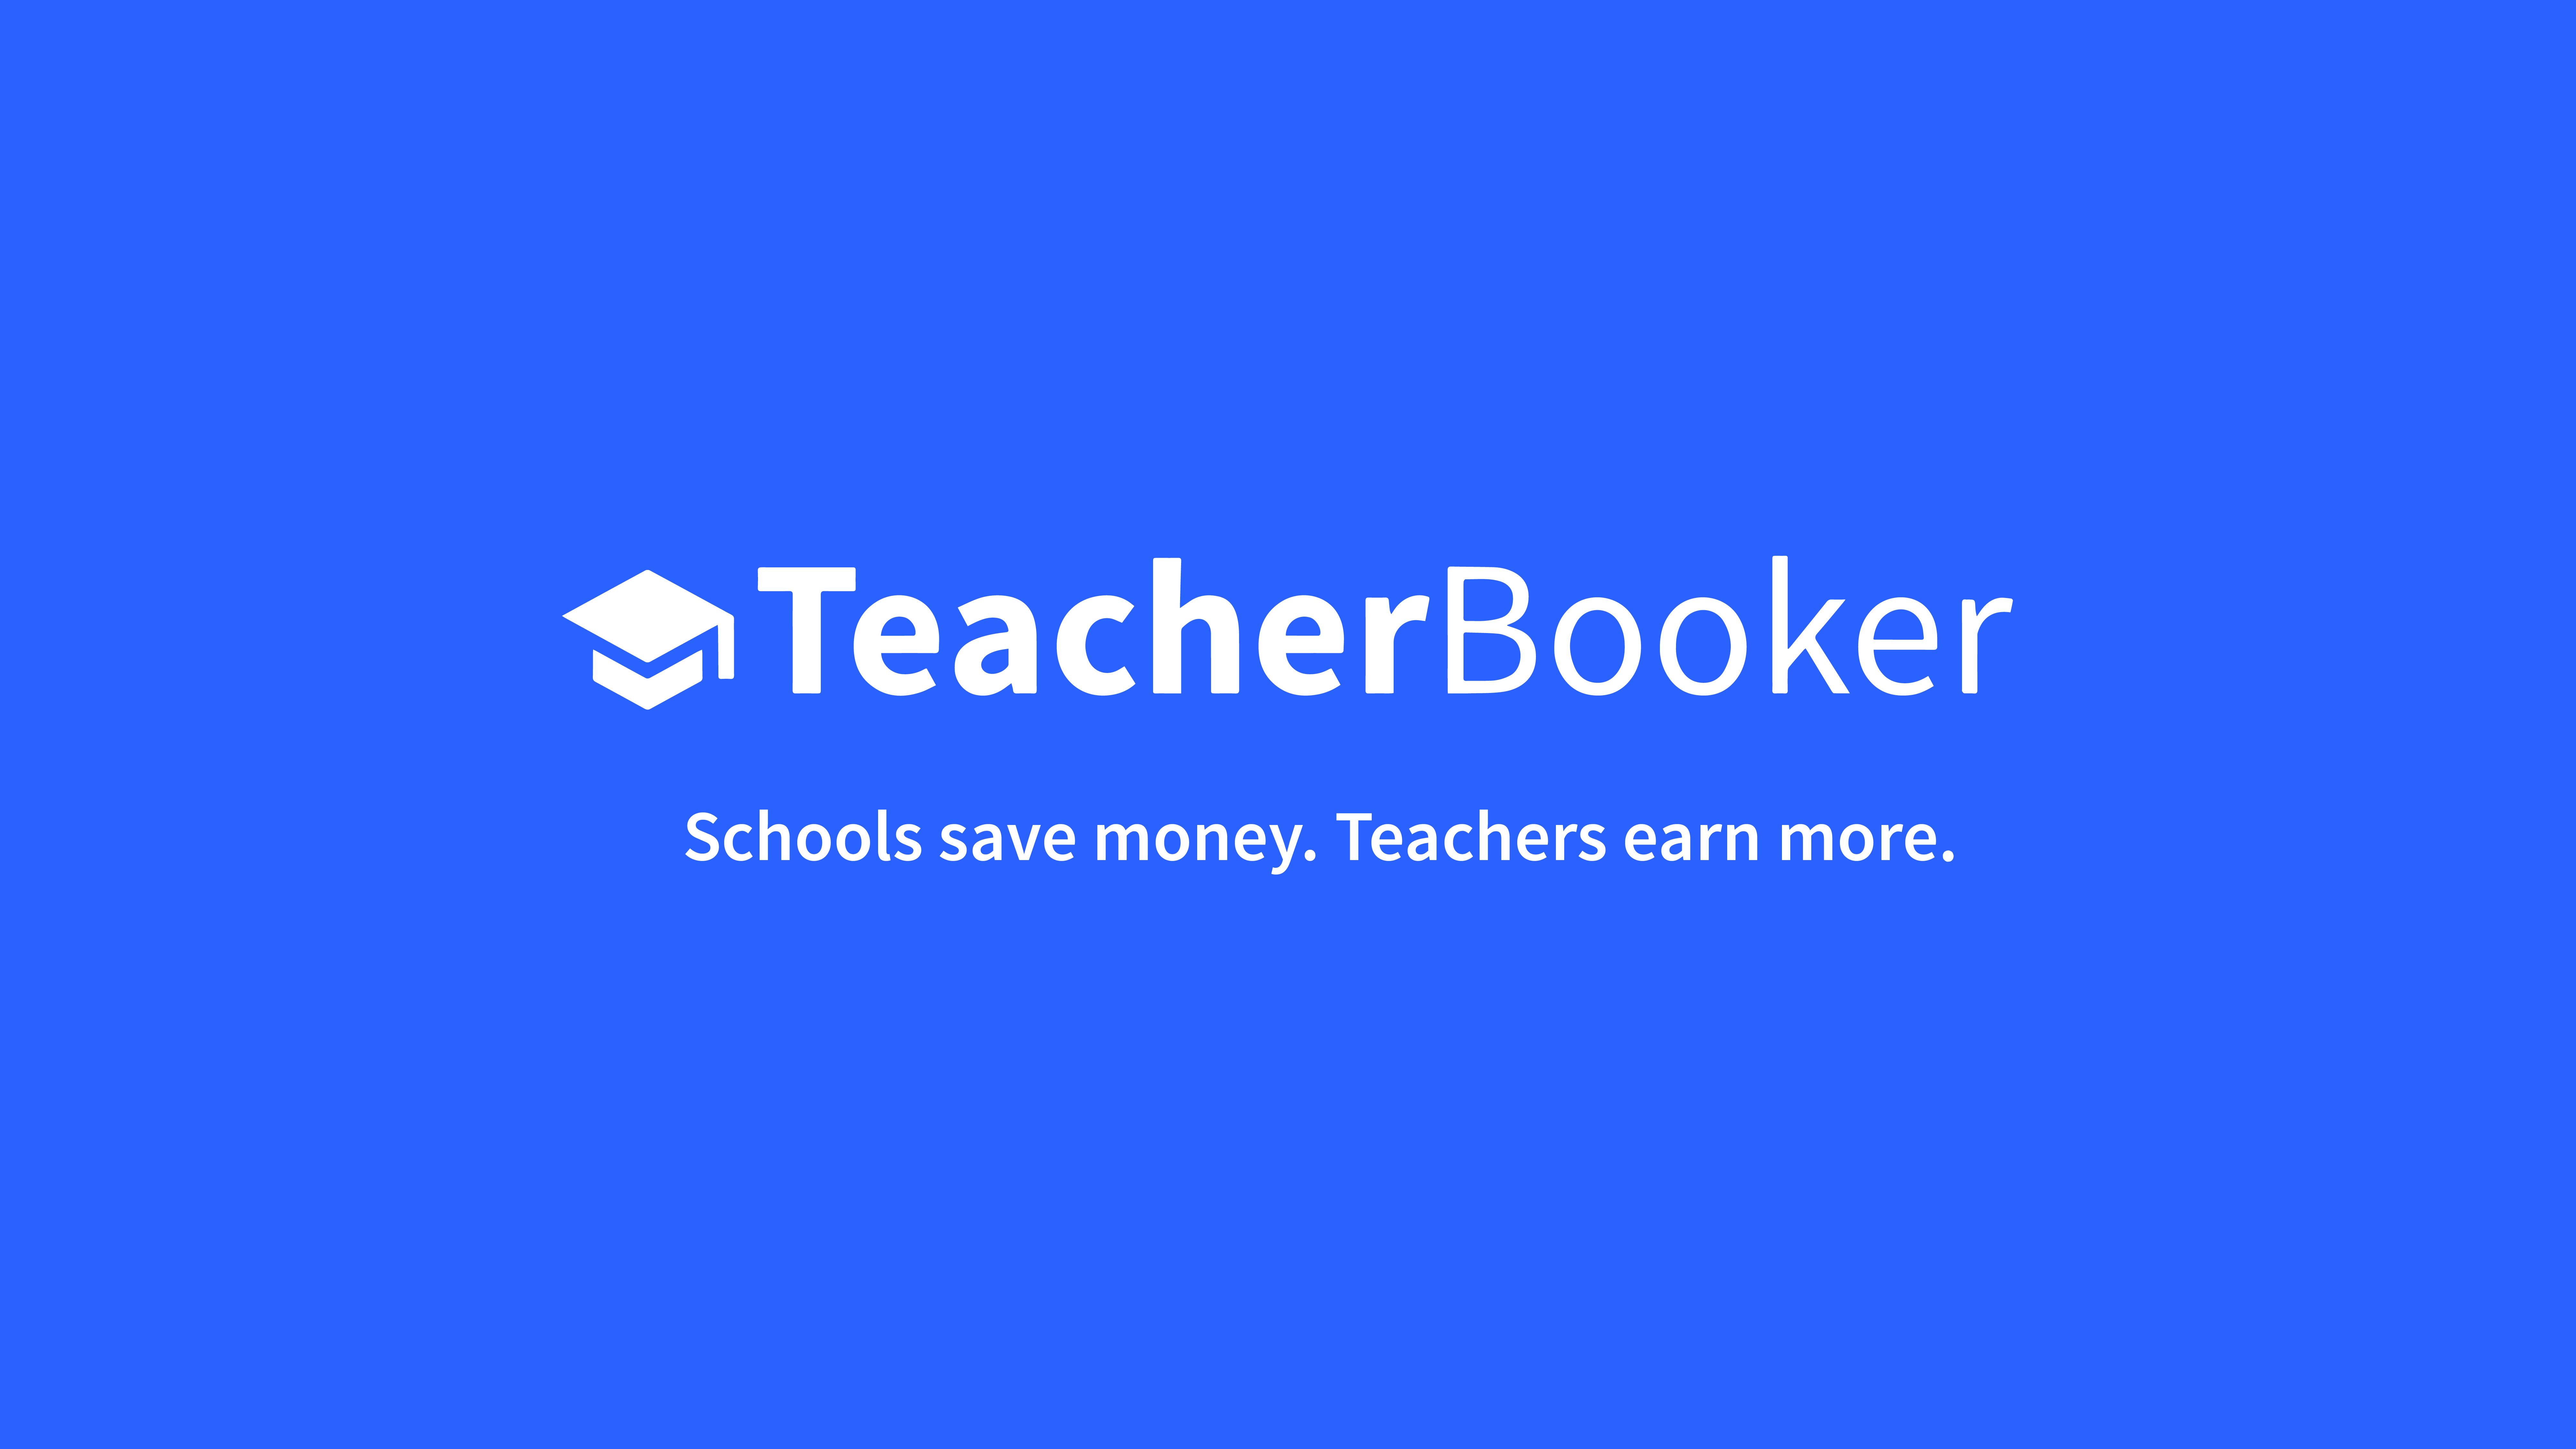 Teacher Booker